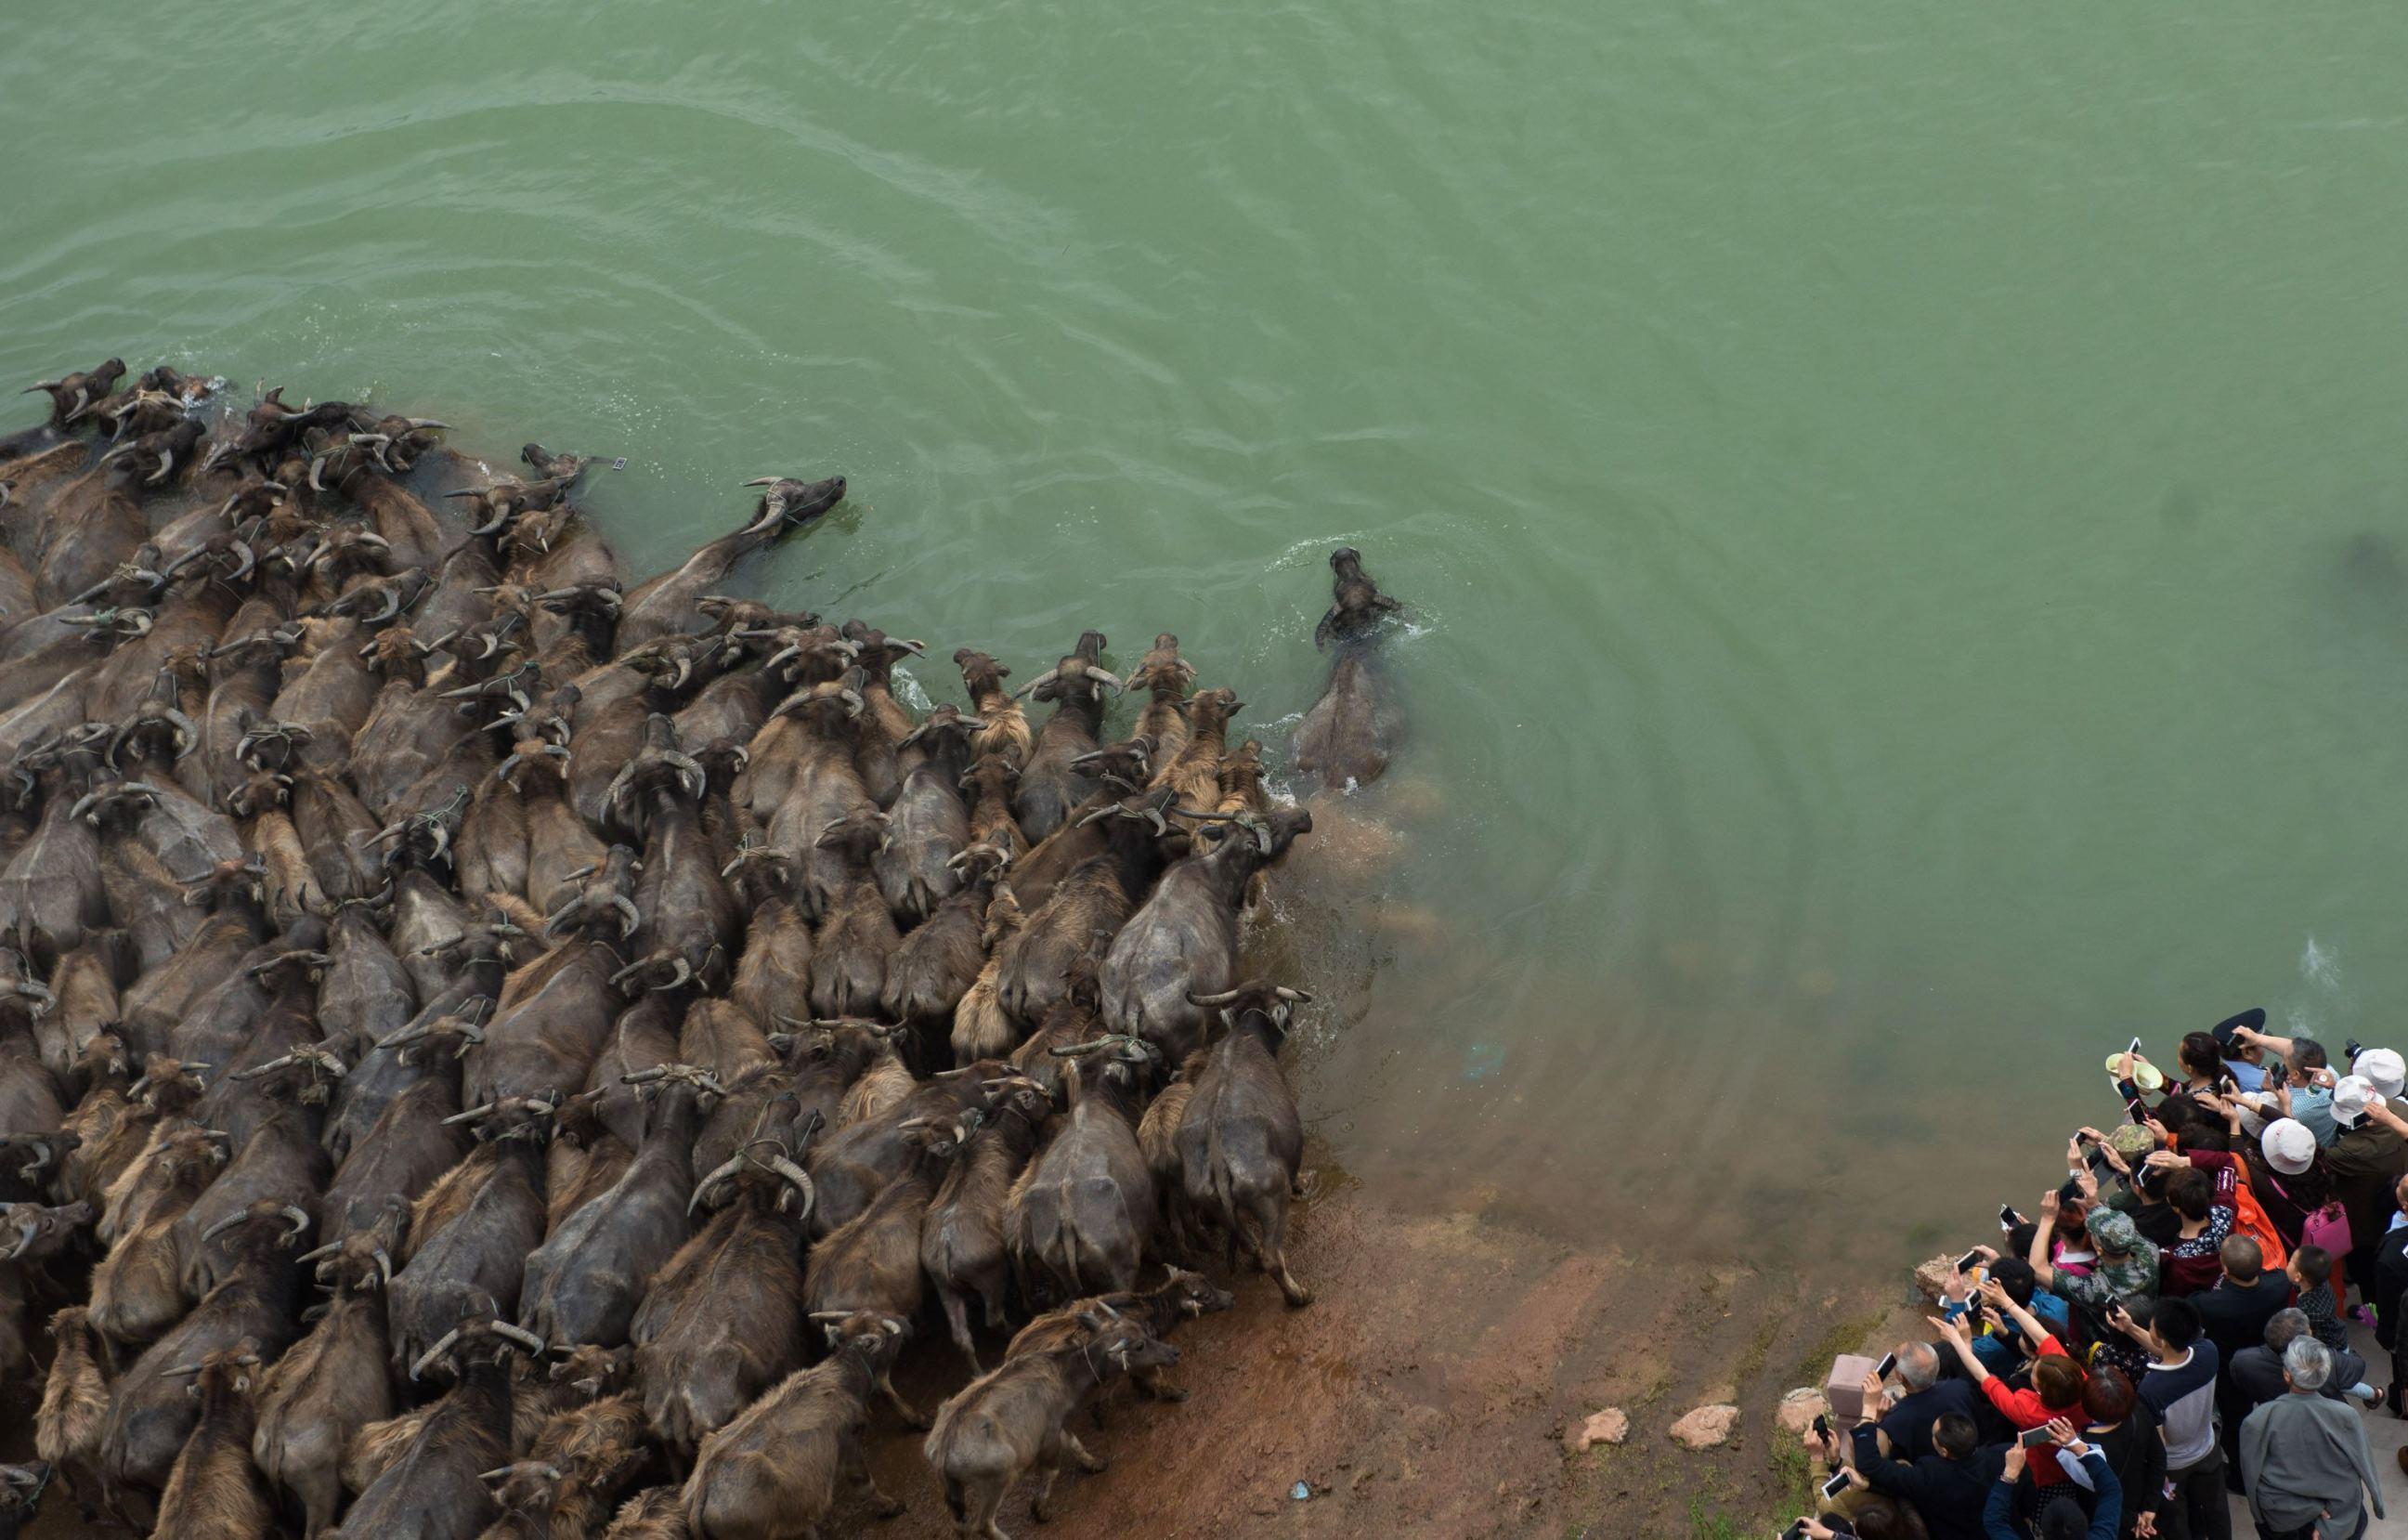 Слайд 43 из 67: Cattle swim across Jialing River, Fanggou, Peng'an County, Sichuan Province, China - 29 Apr 2016 Tourists watch cattle swimming in Jialing River